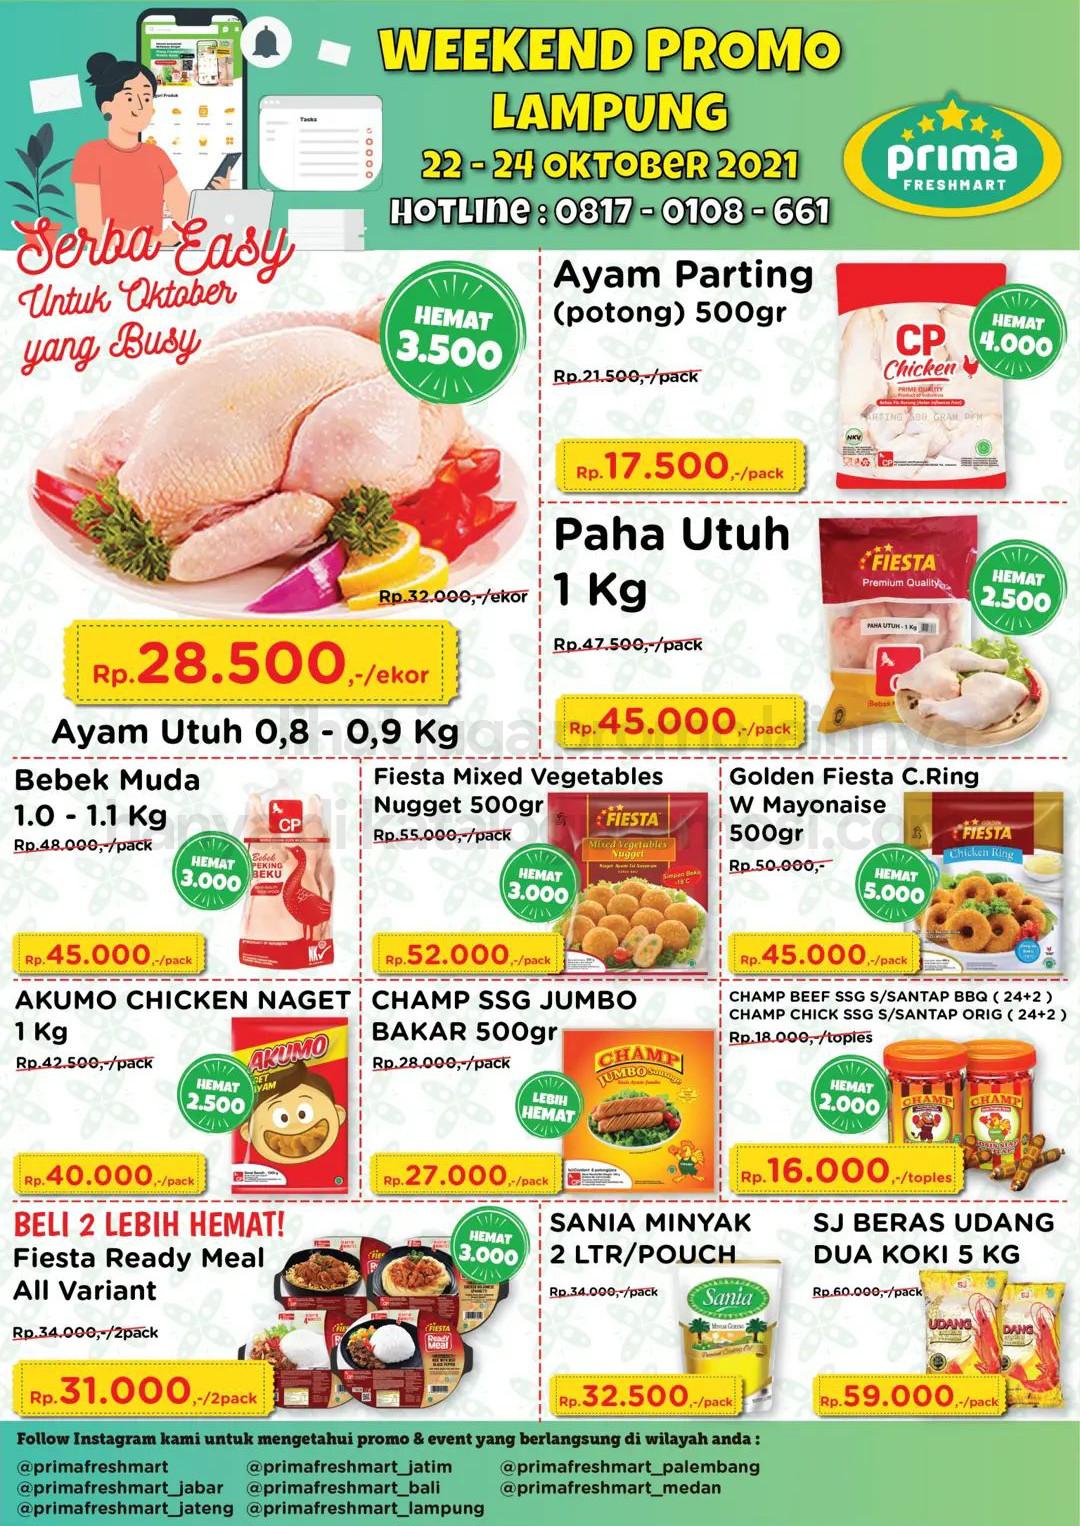 Promo Prima Freshmart Terbaru - Katalog Belanja Weekend JSM periode 22-24 Oktober 2021